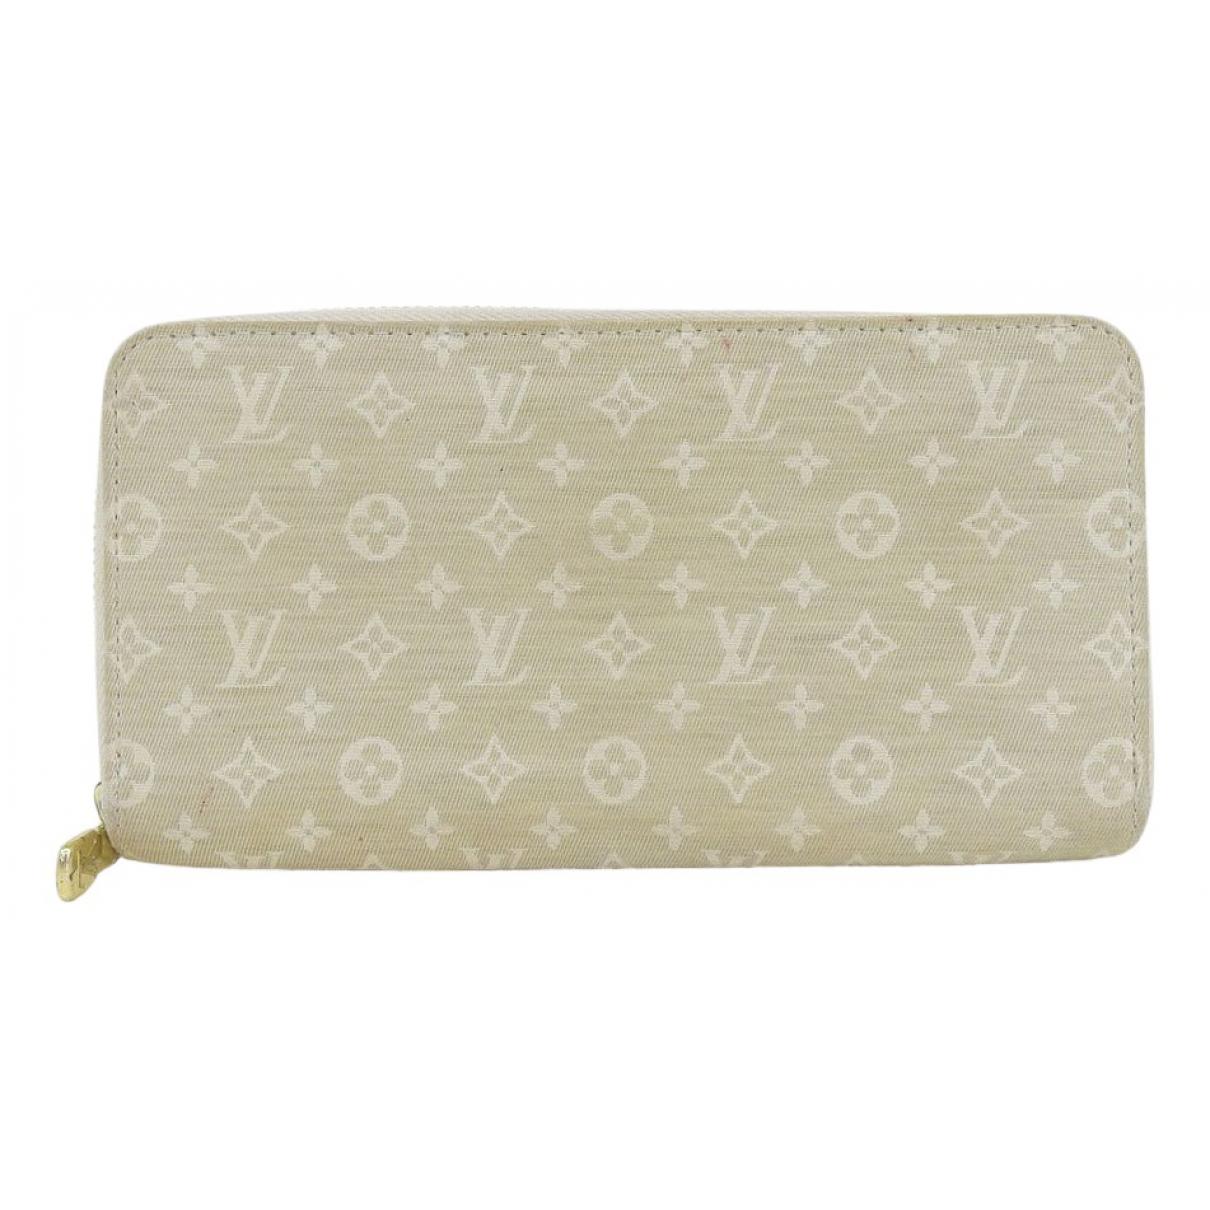 Louis Vuitton - Portefeuille Zippy pour femme en toile - beige